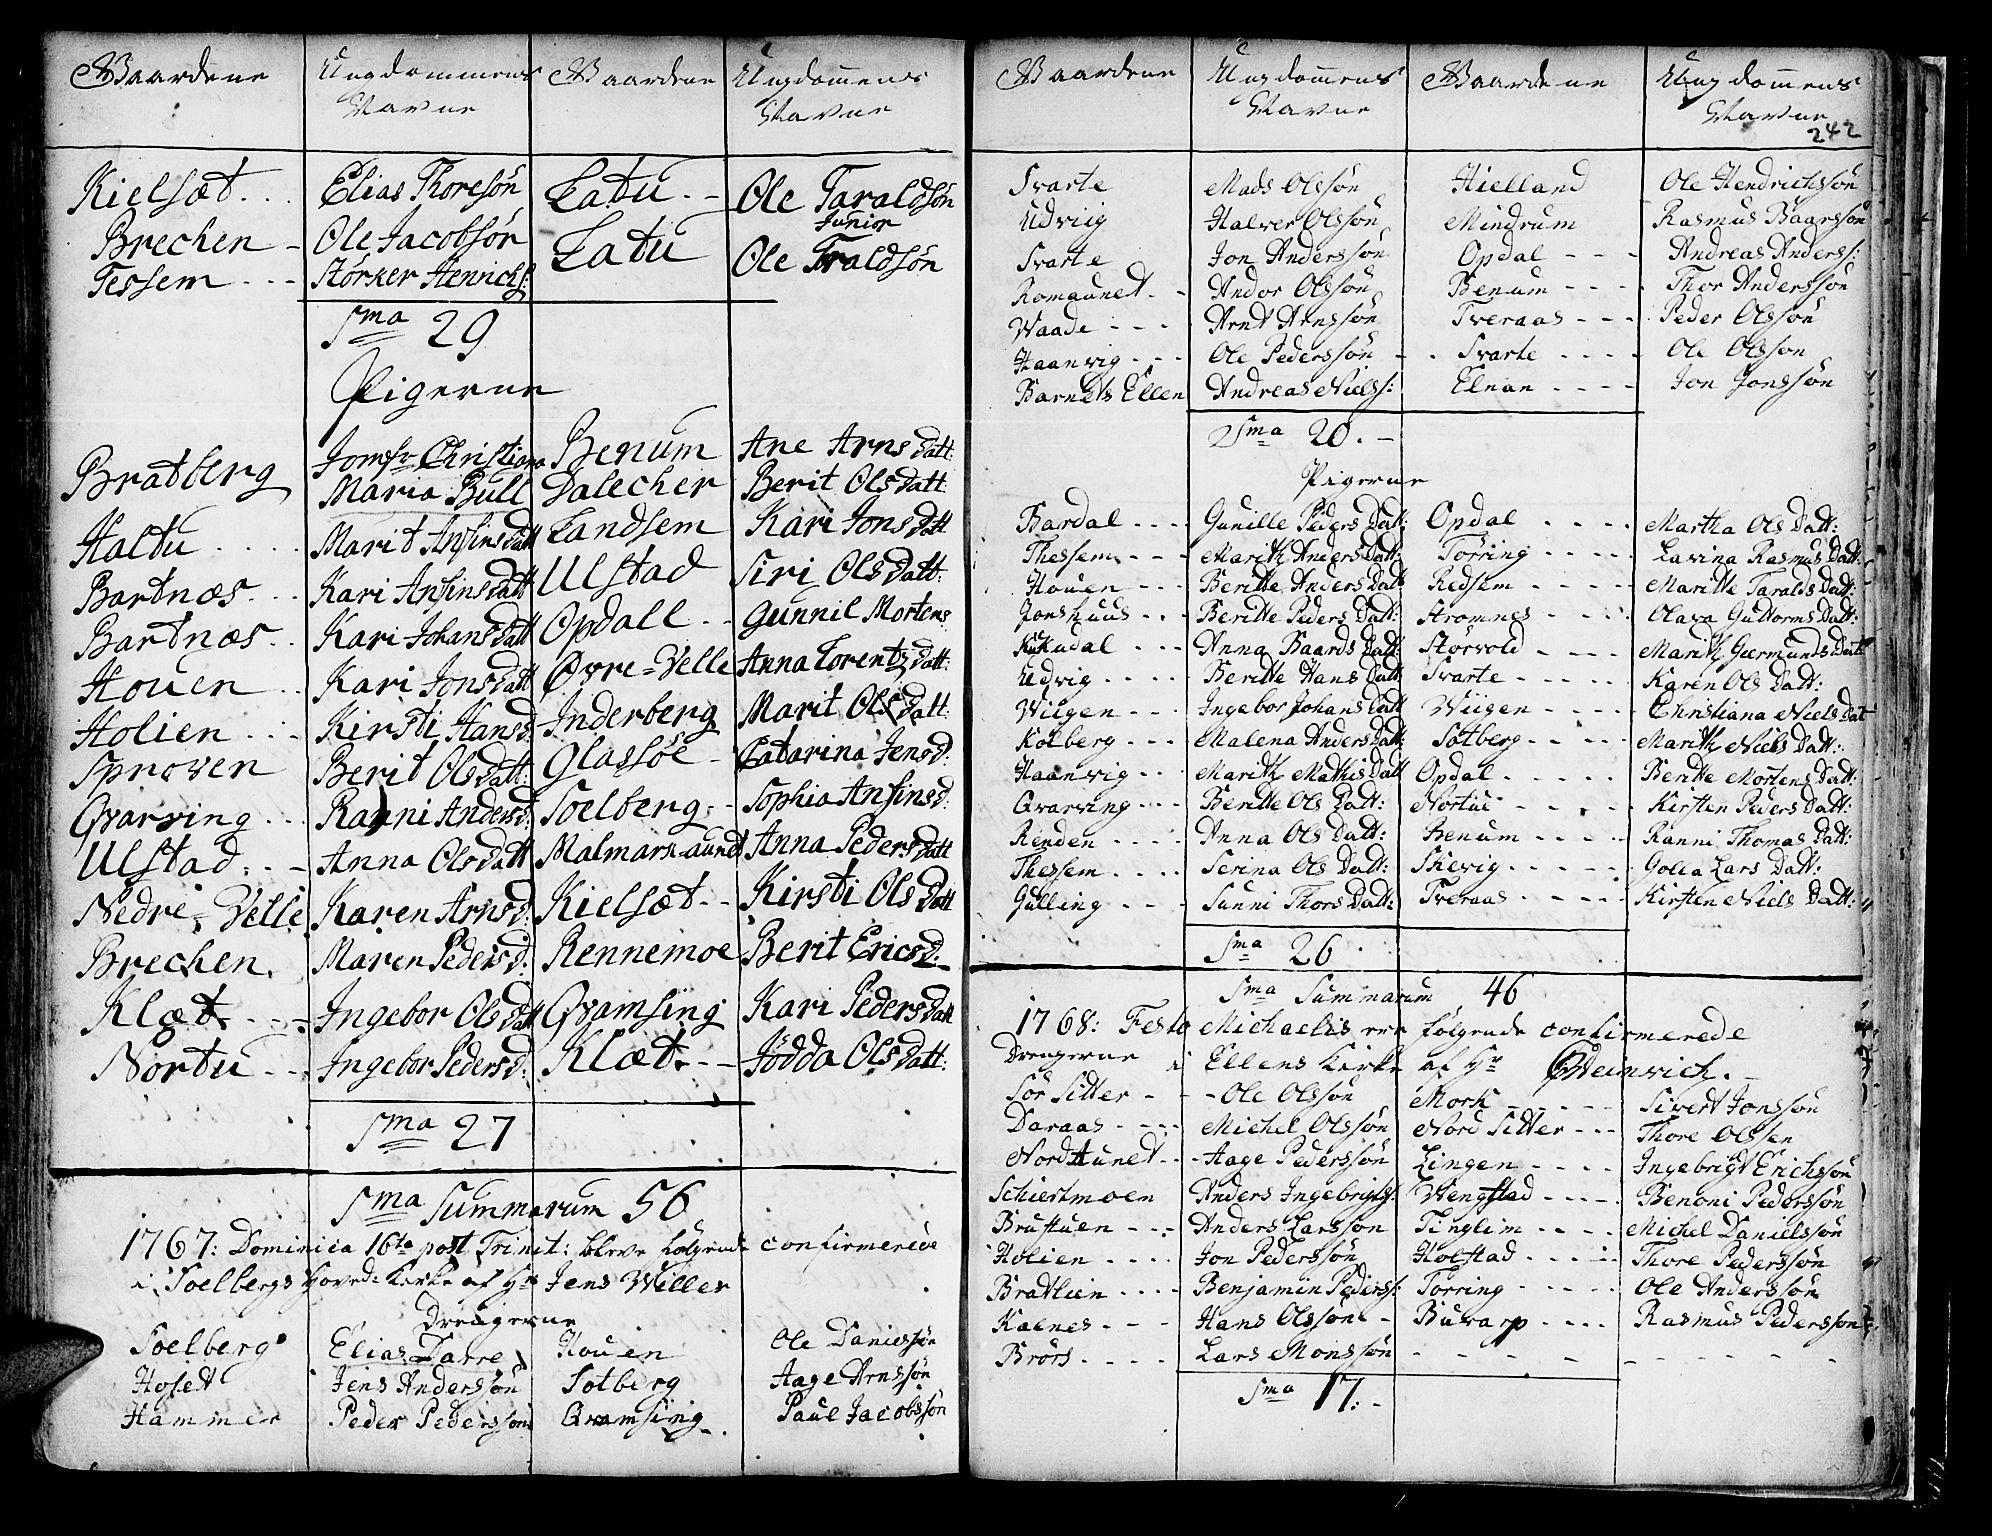 SAT, Ministerialprotokoller, klokkerbøker og fødselsregistre - Nord-Trøndelag, 741/L0385: Ministerialbok nr. 741A01, 1722-1815, s. 242